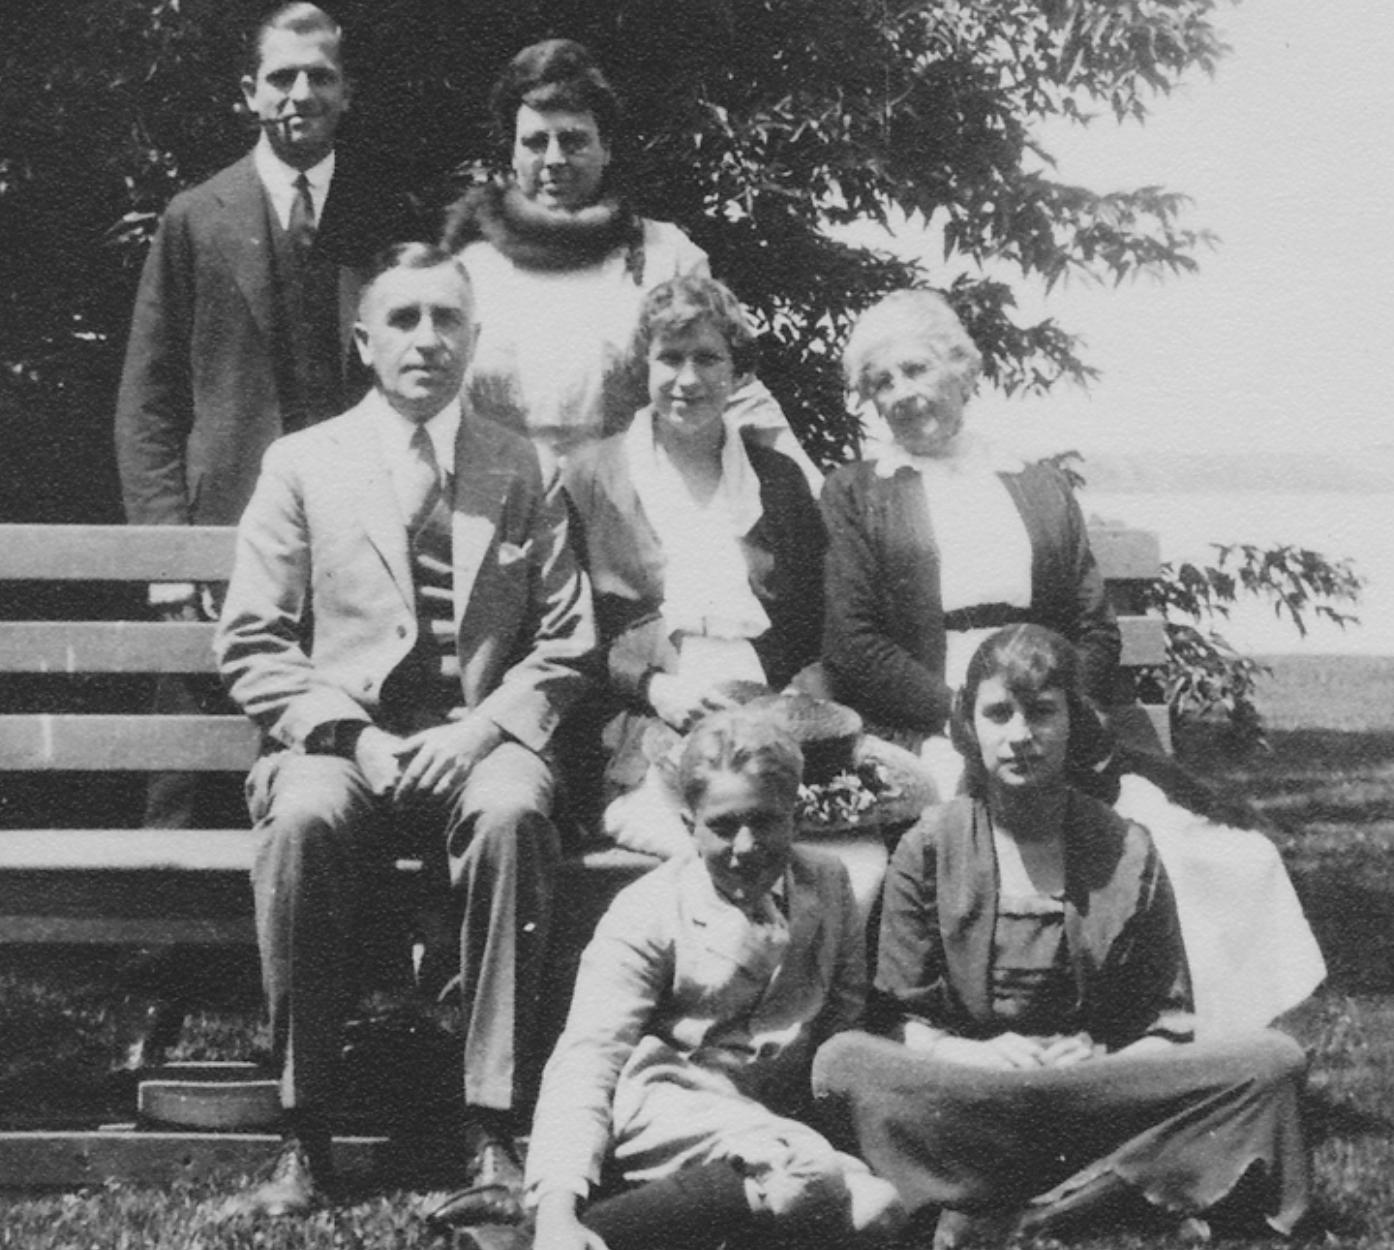 The Price Family 1920s